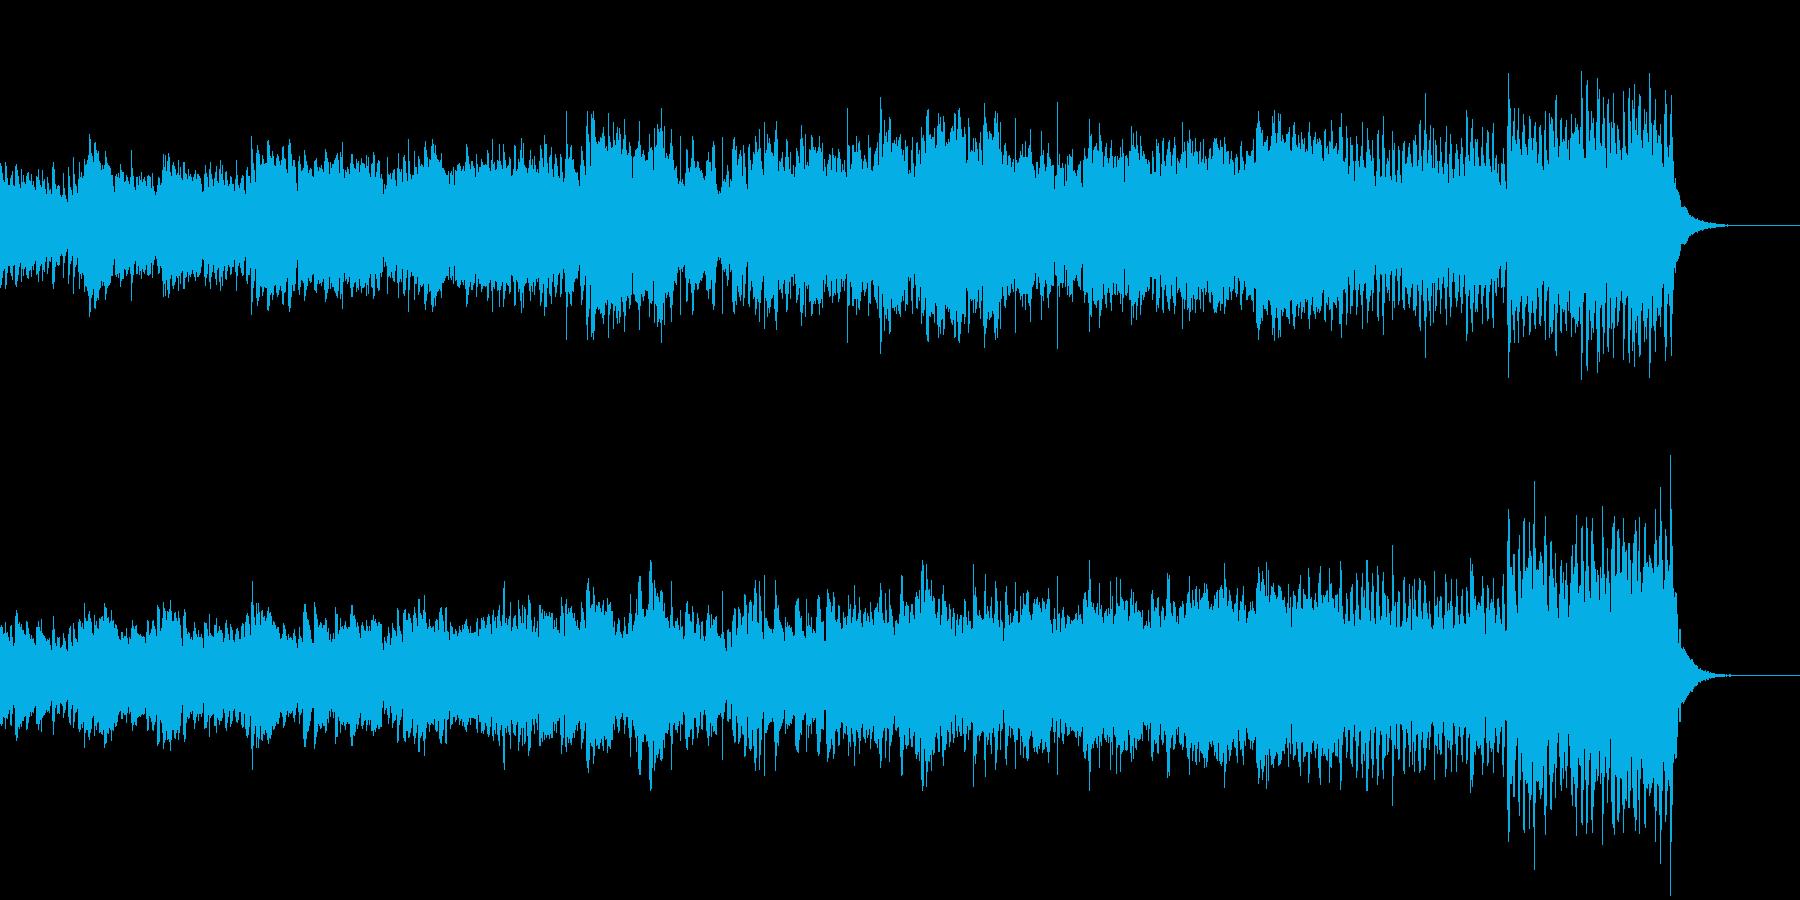 ピアノとストリング〜湖畔と森オープニングの再生済みの波形